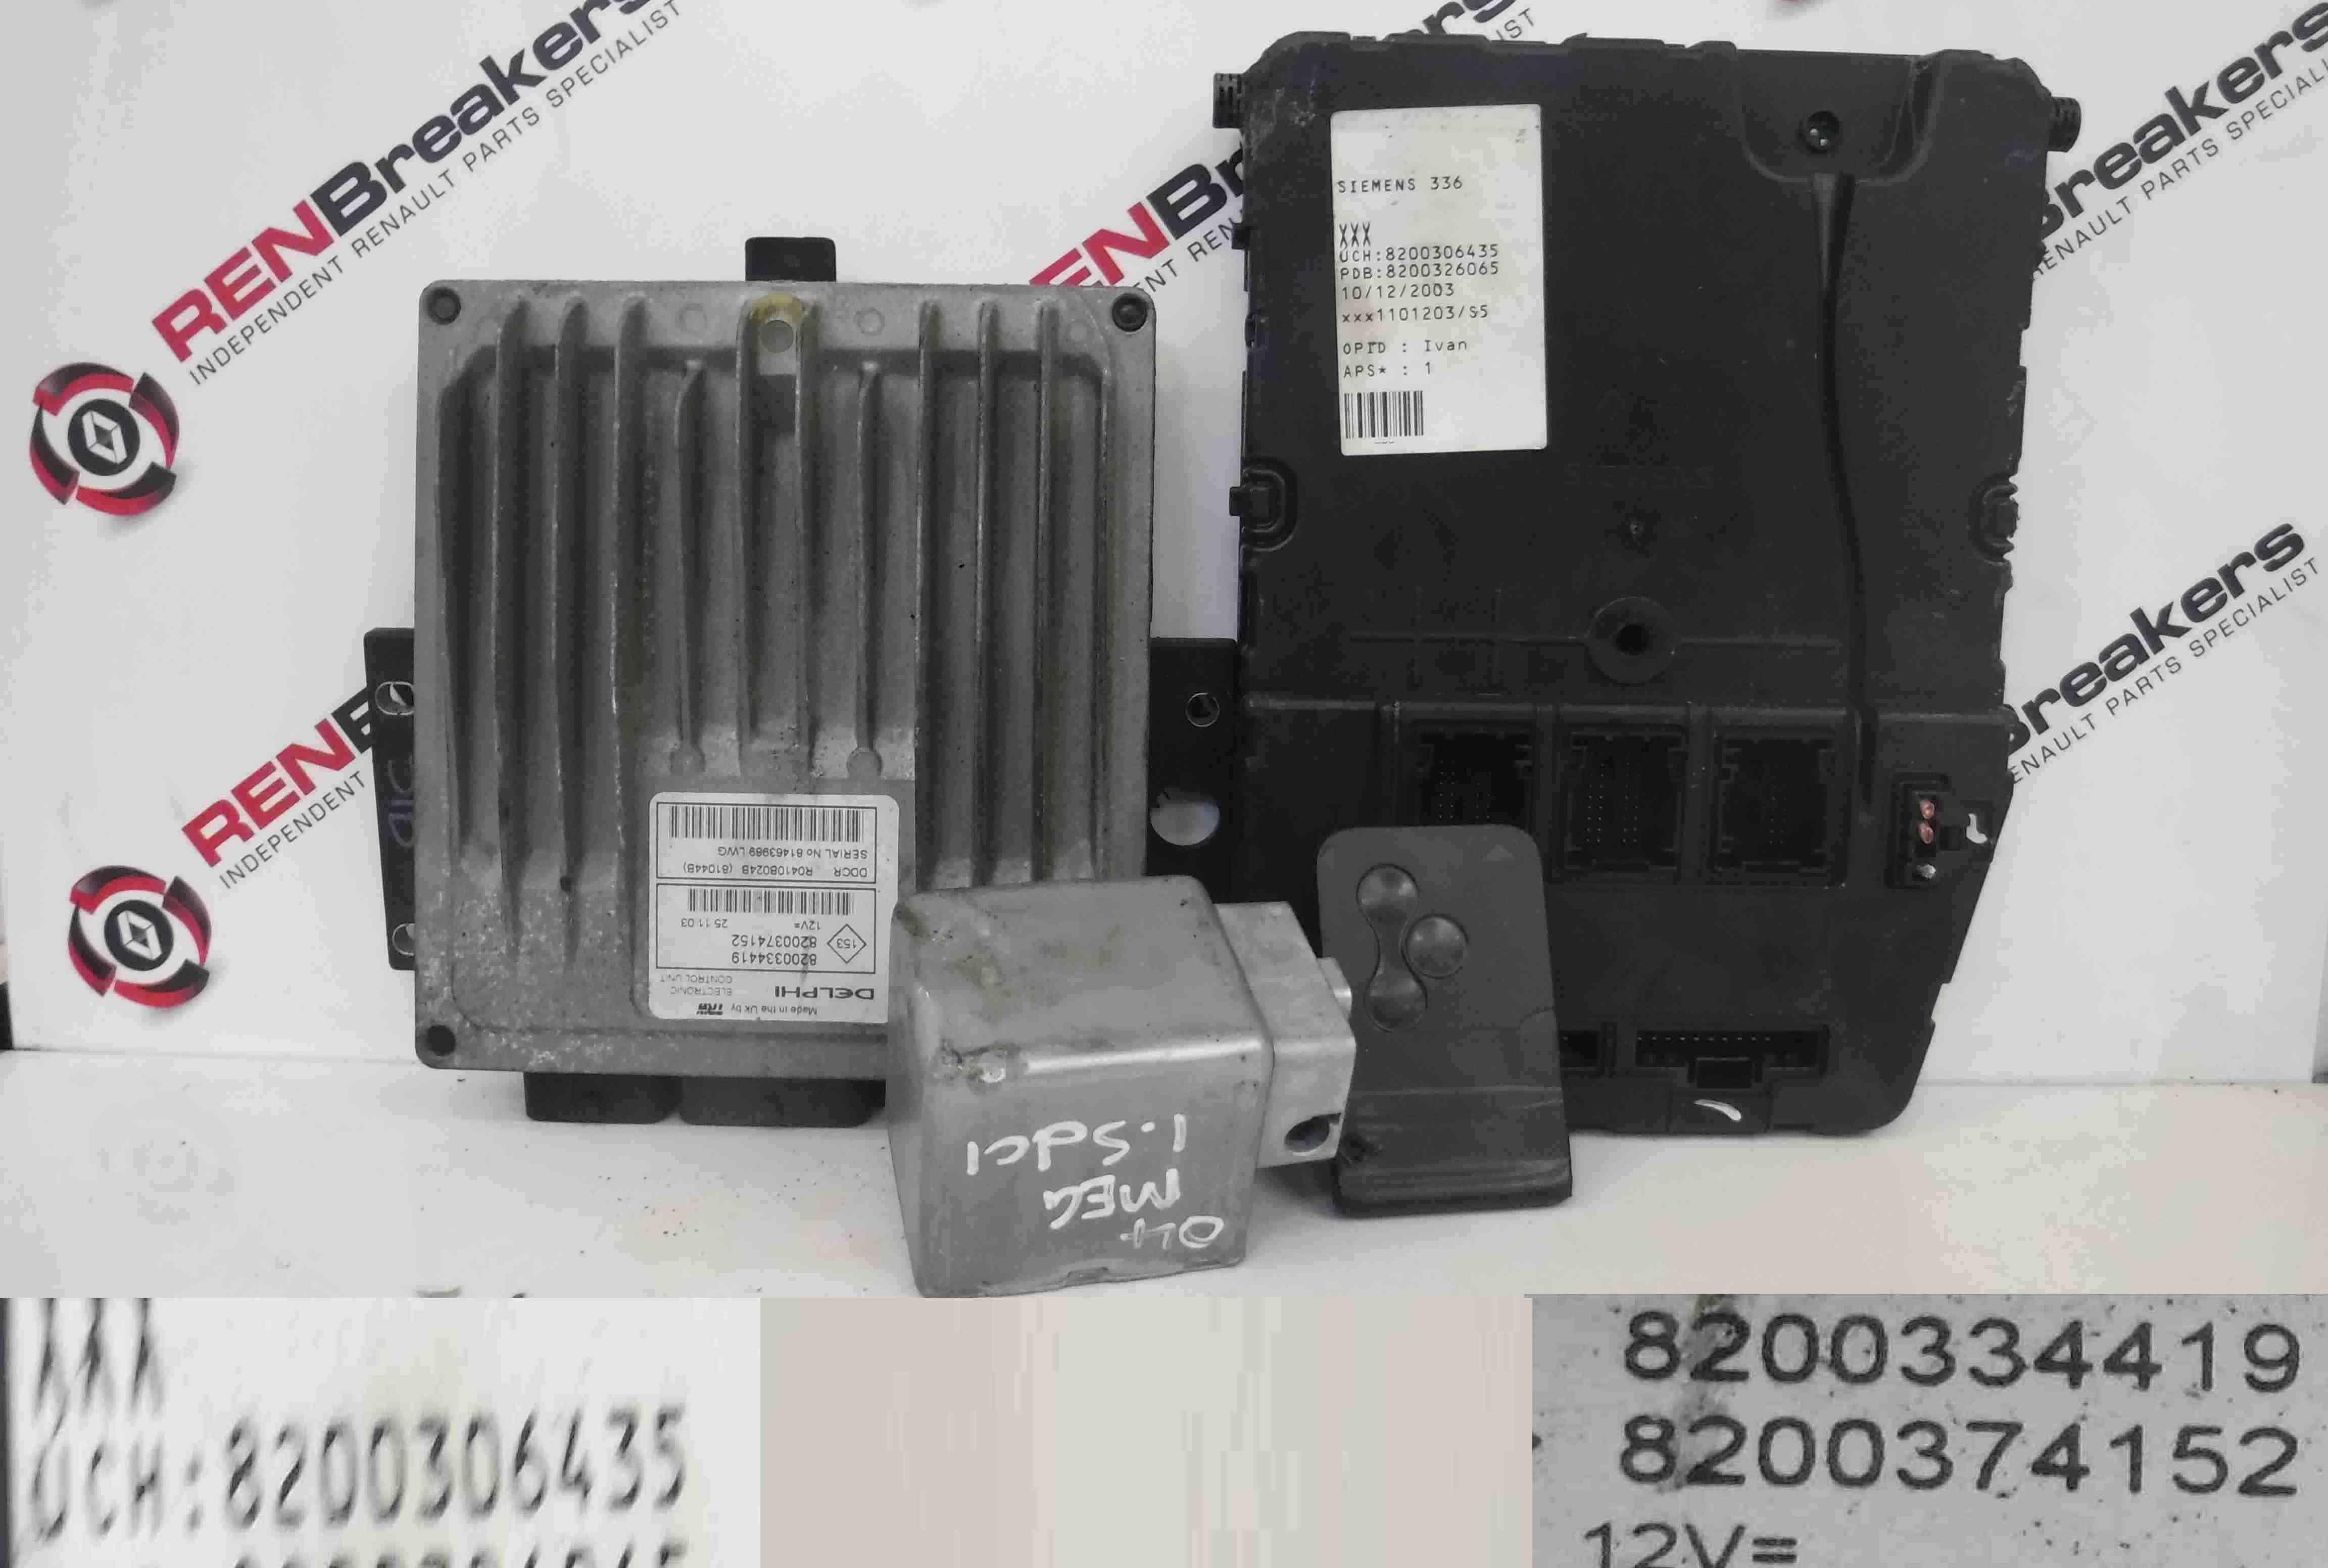 Key Card Renault Megane 2002-2008 1.9 dCi ECU SET UCH BCM Immobiliser